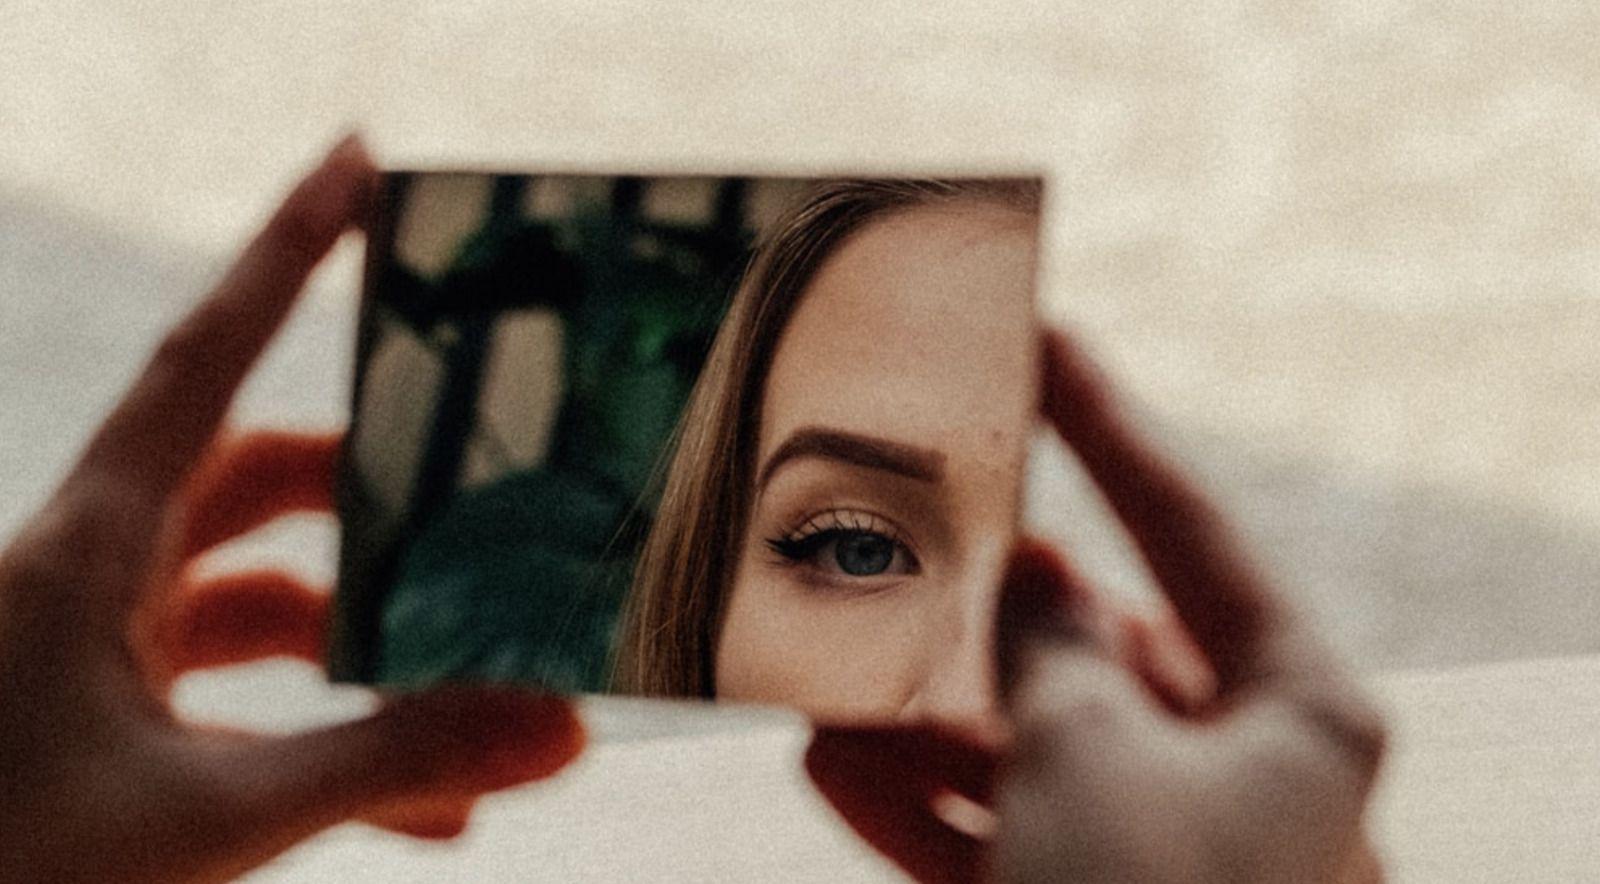 Tu as d'beaux yeux tu sais...